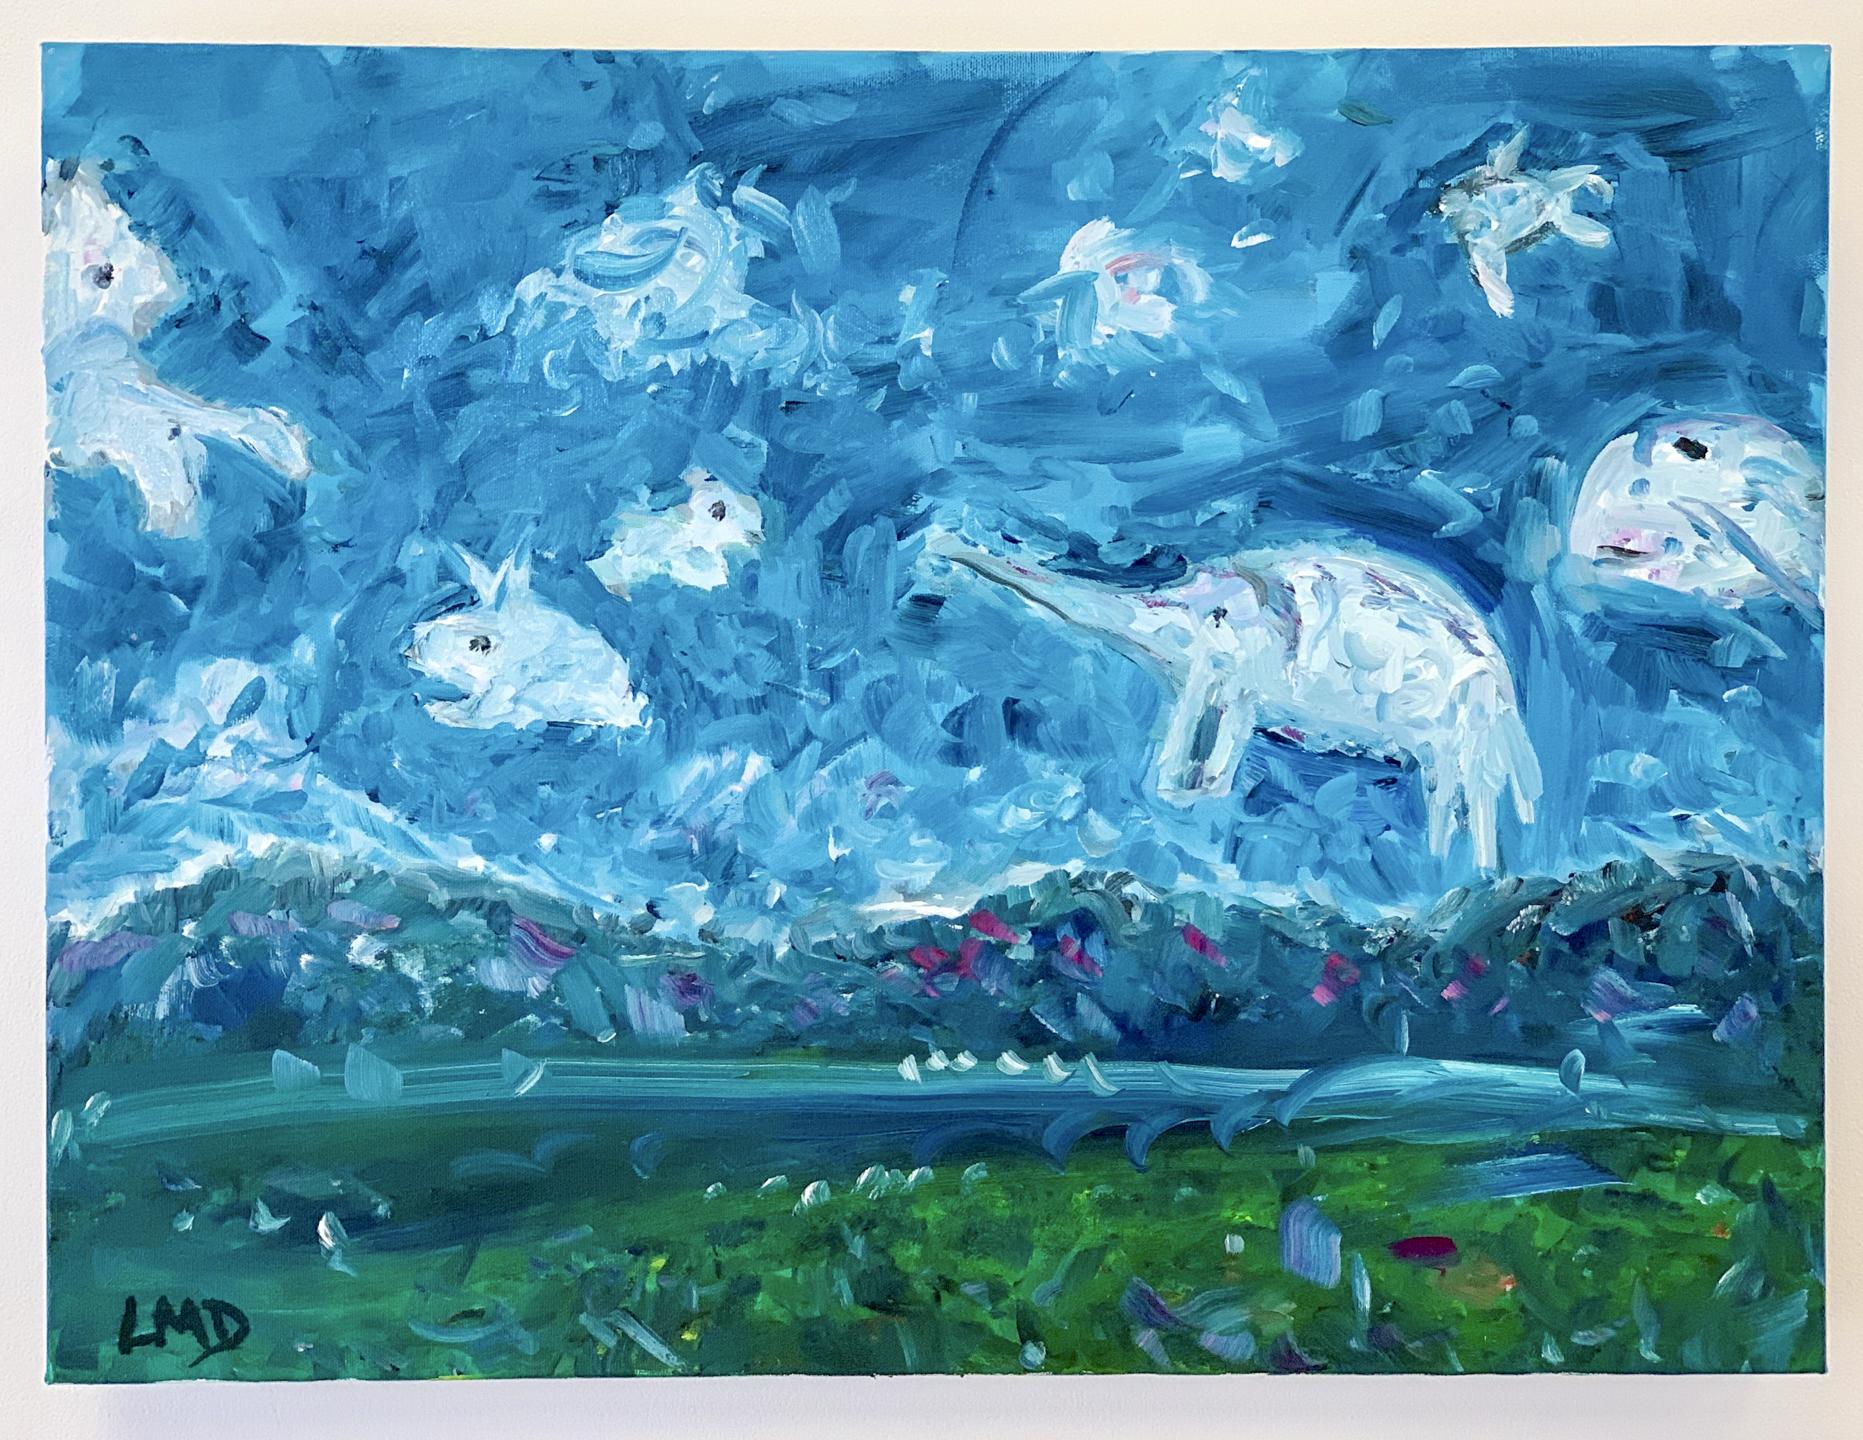 """Linda Dulleba - """"Lazy Afternoon Landscape"""" For Sale: $600"""